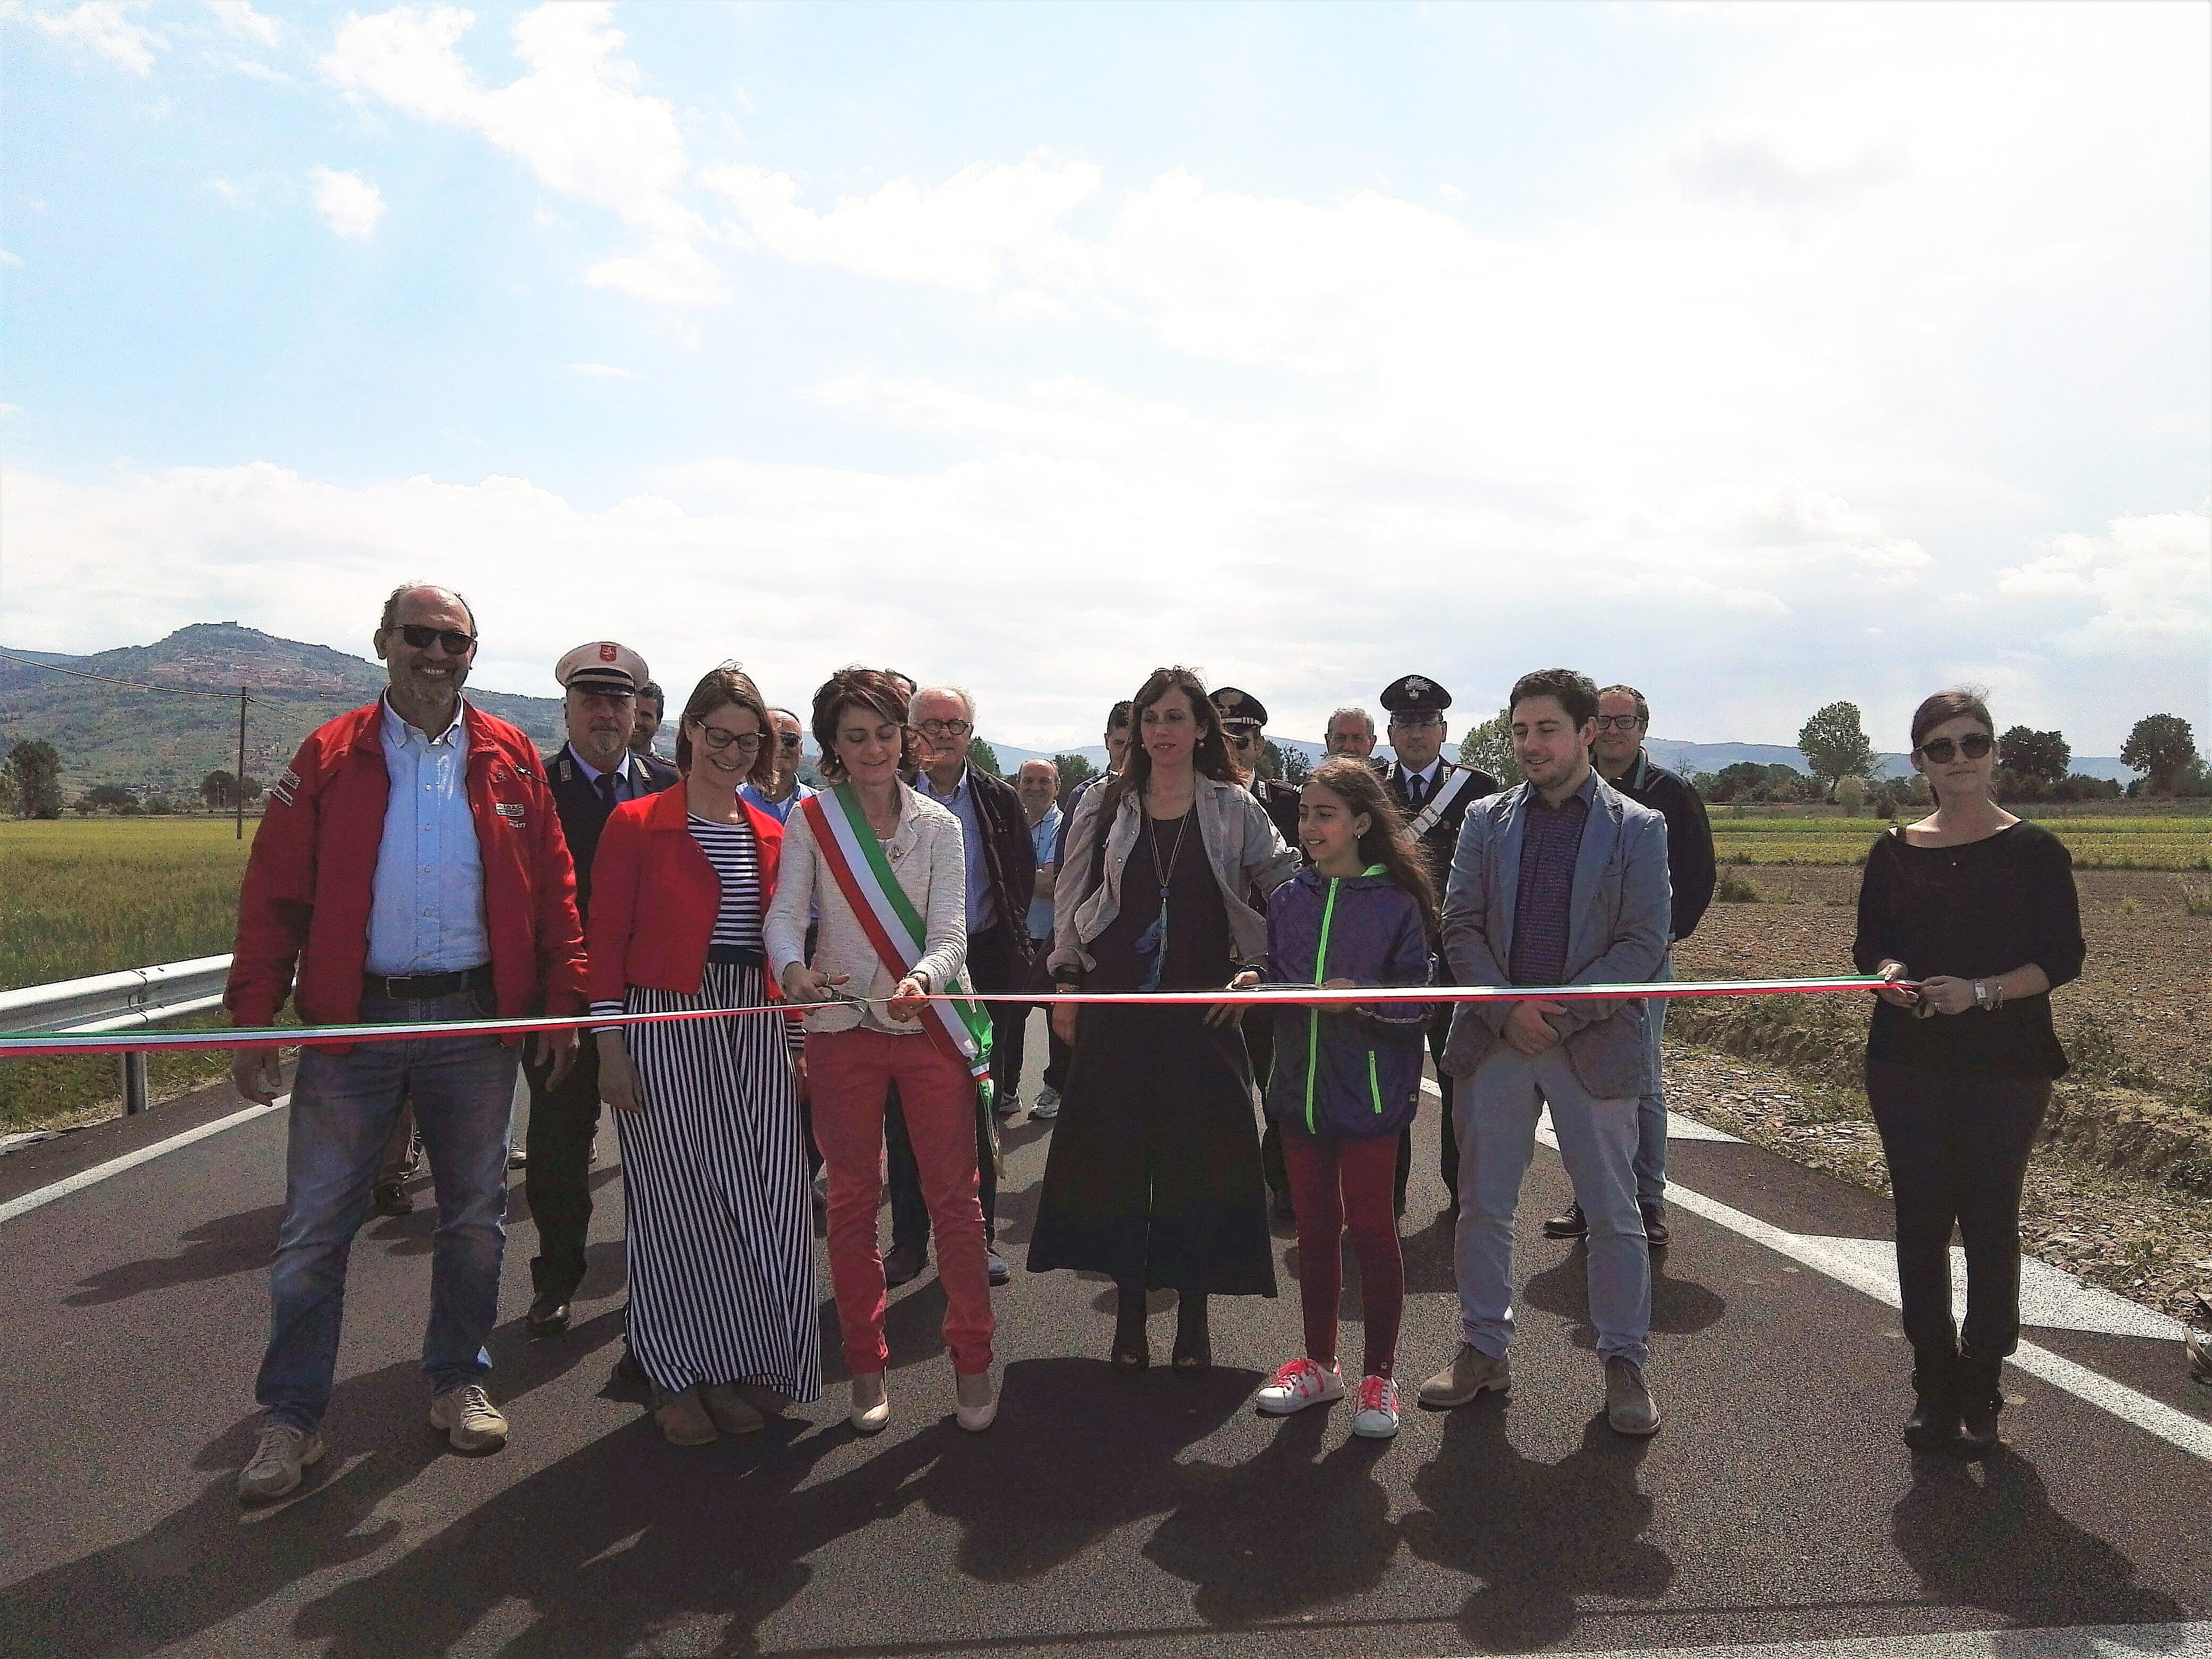 Inaugurati i nuovi ponti sulla strada di Mezzafratta